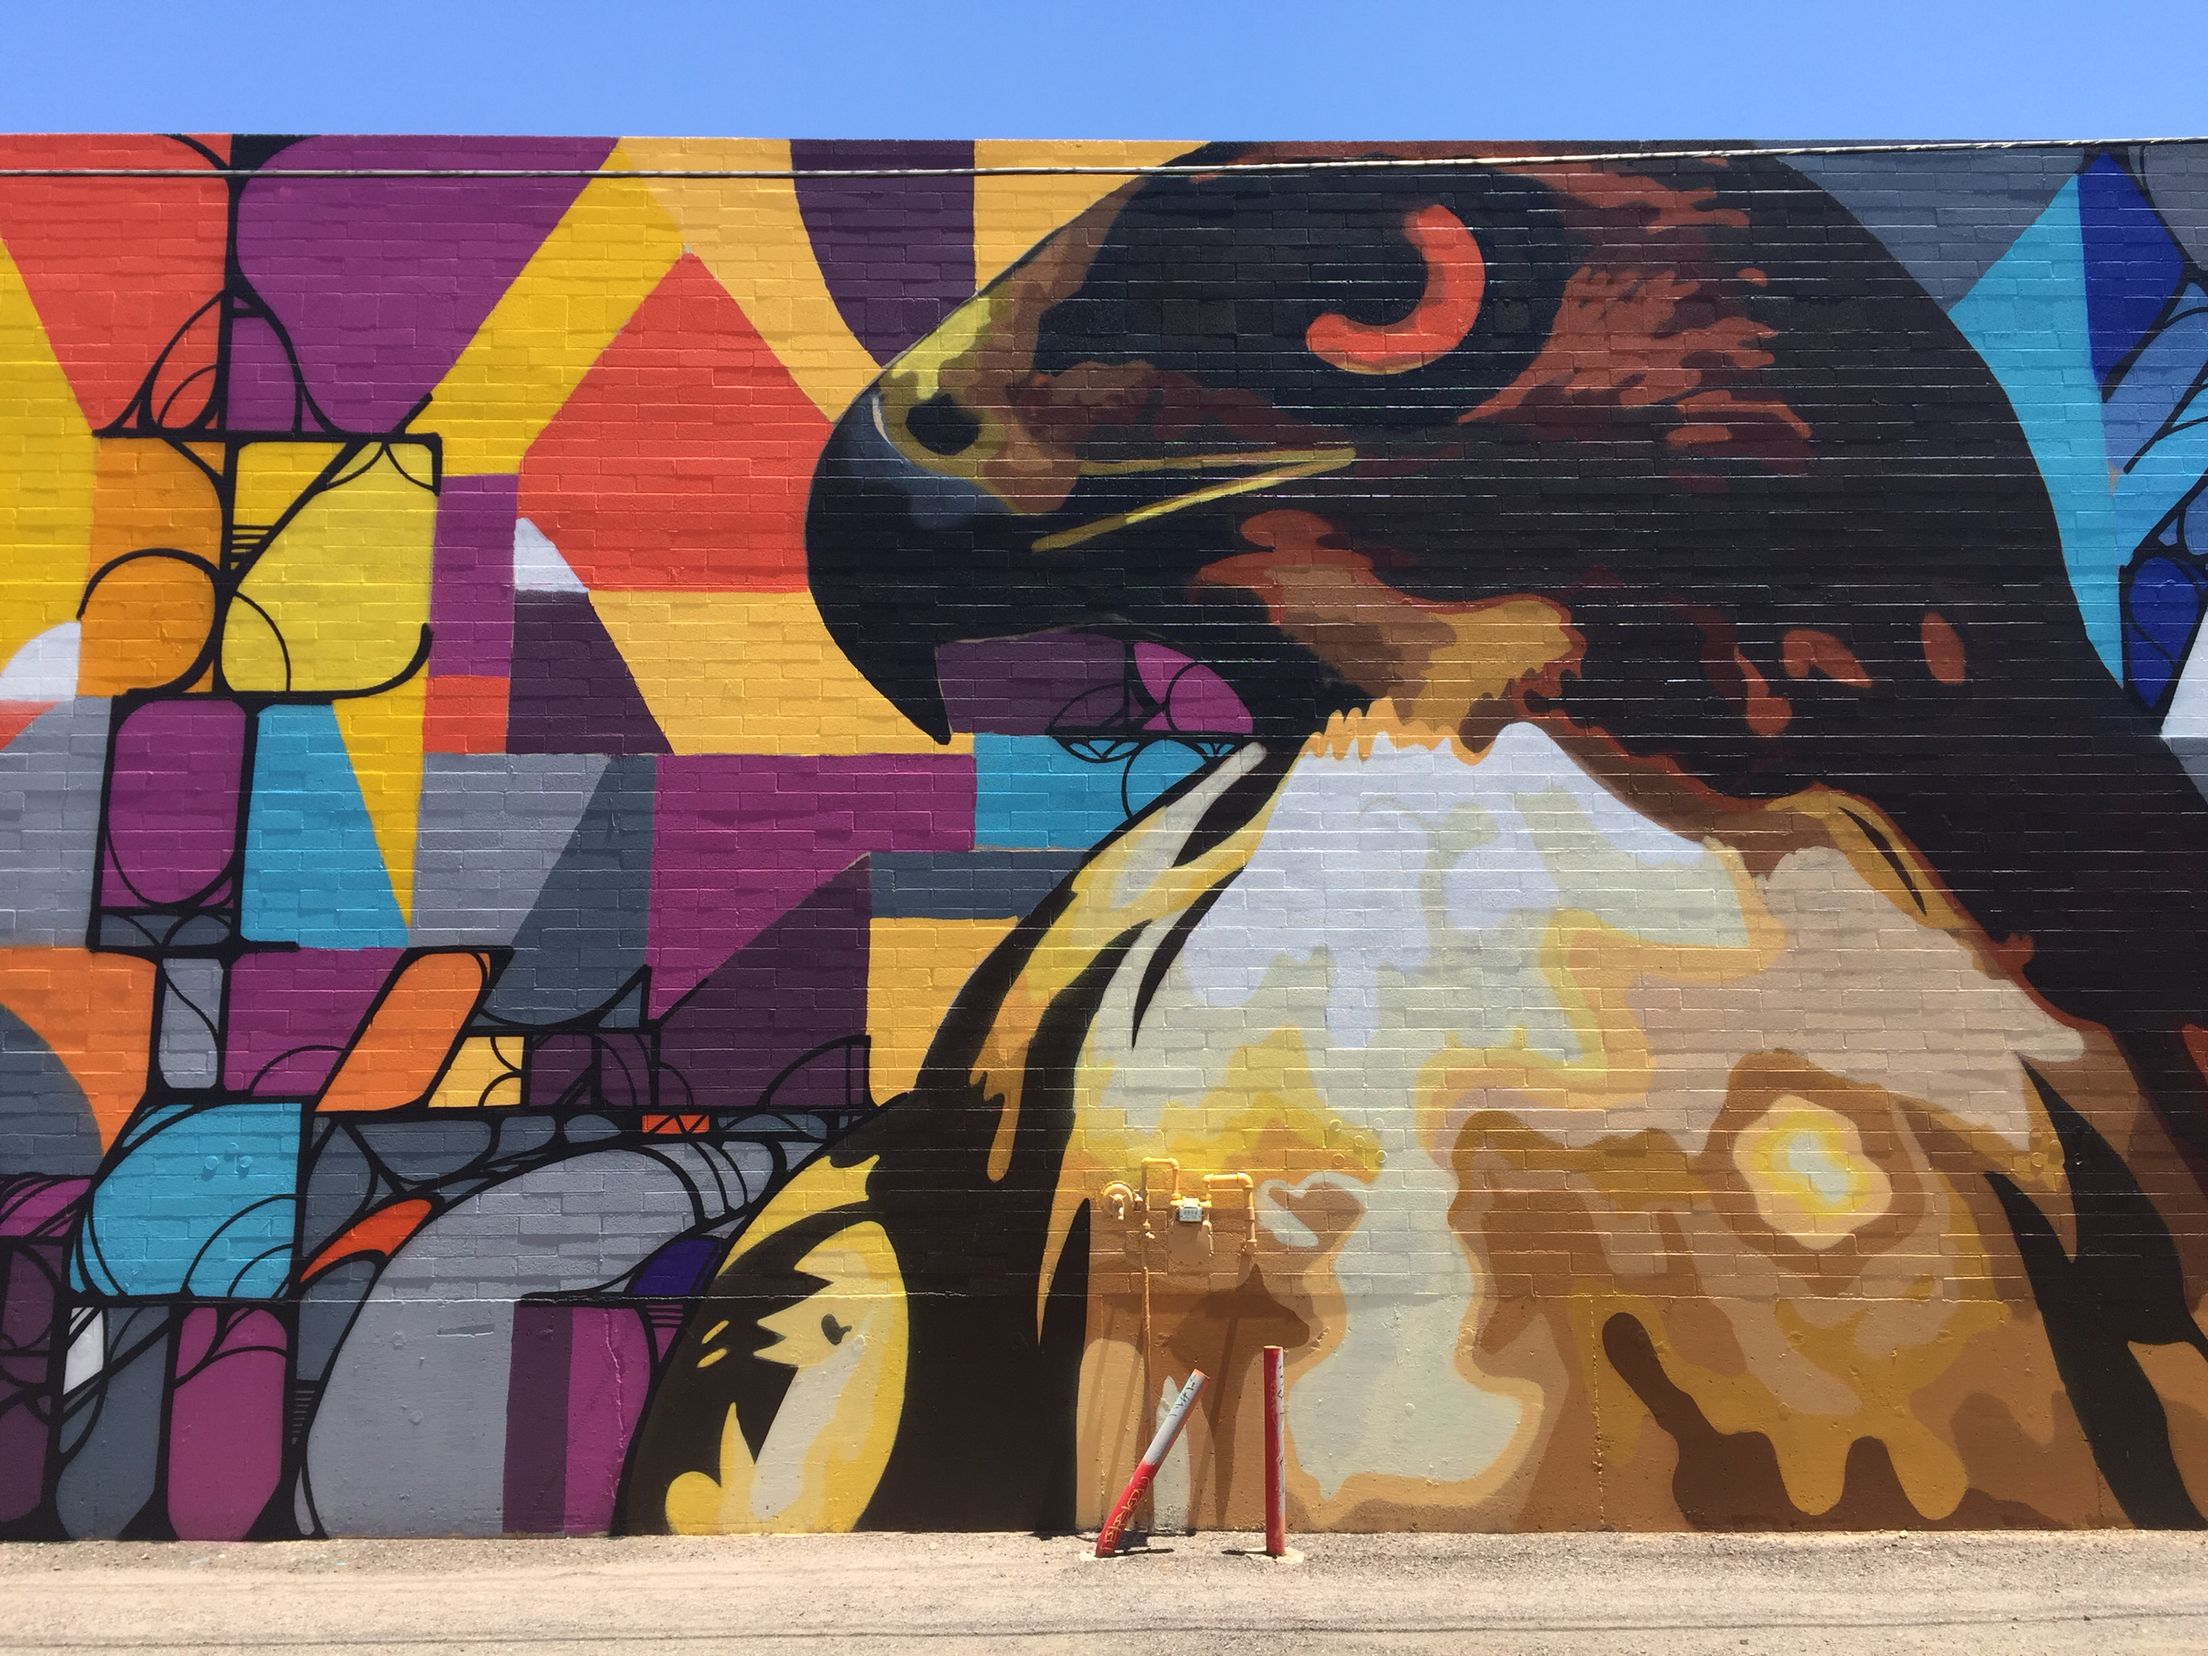 Melrose District Phoenix Az Wallart Urban Art Mural Urban Art Street Art Wall Art